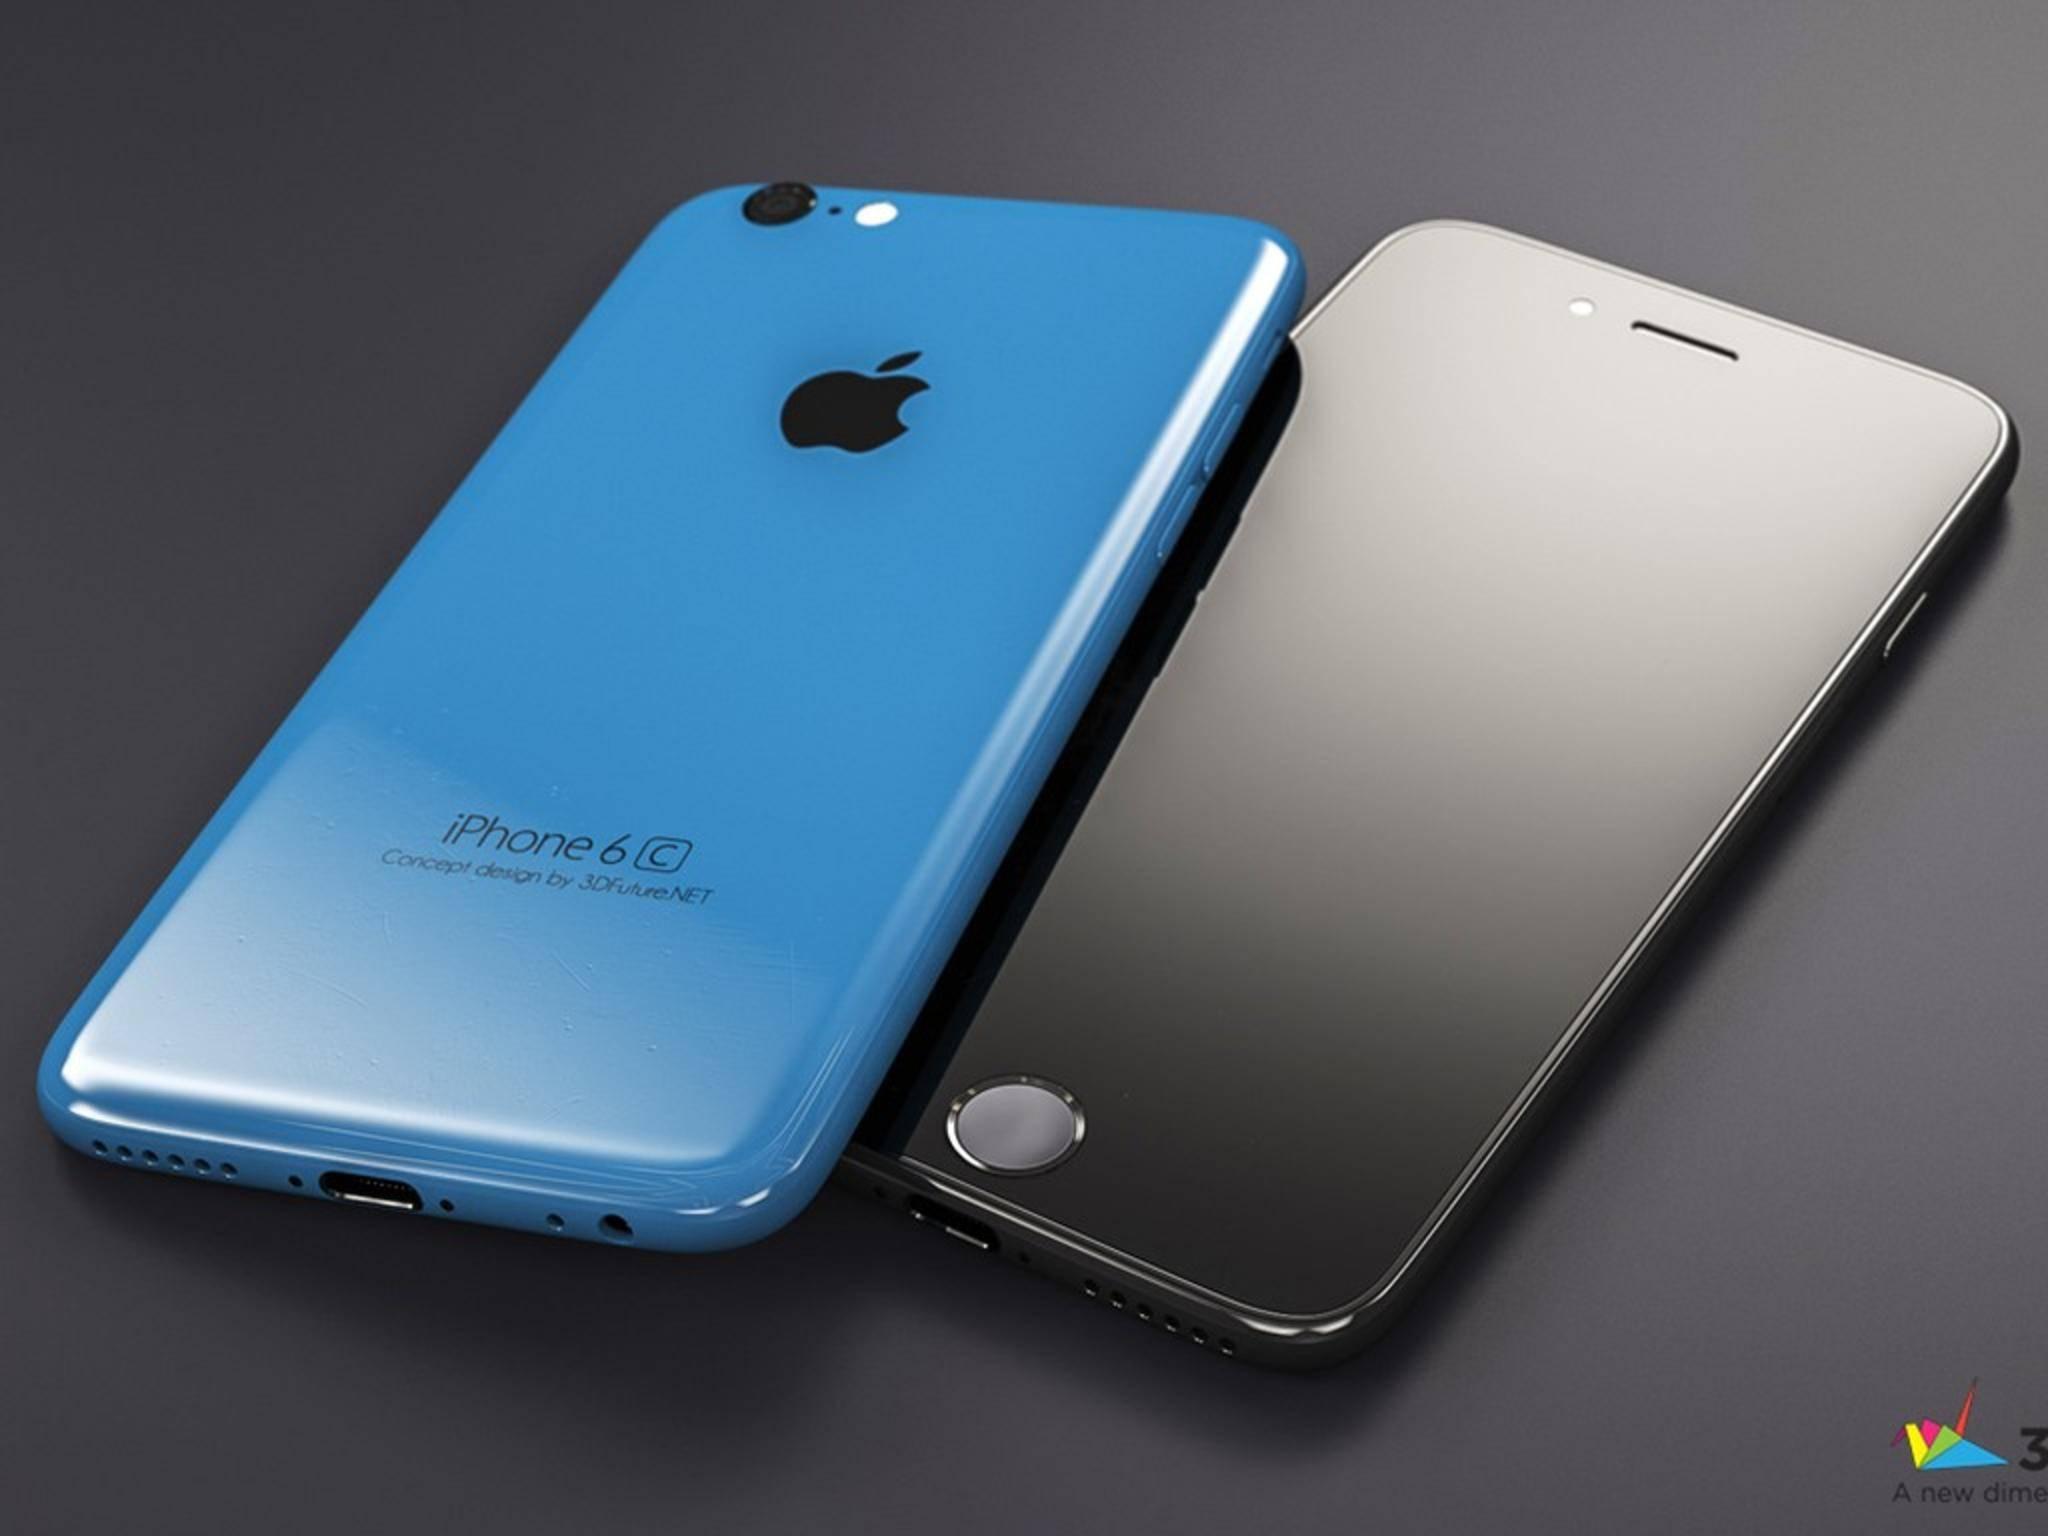 Bislang ist noch unklar, wie das iPhone 6s aussehen soll.